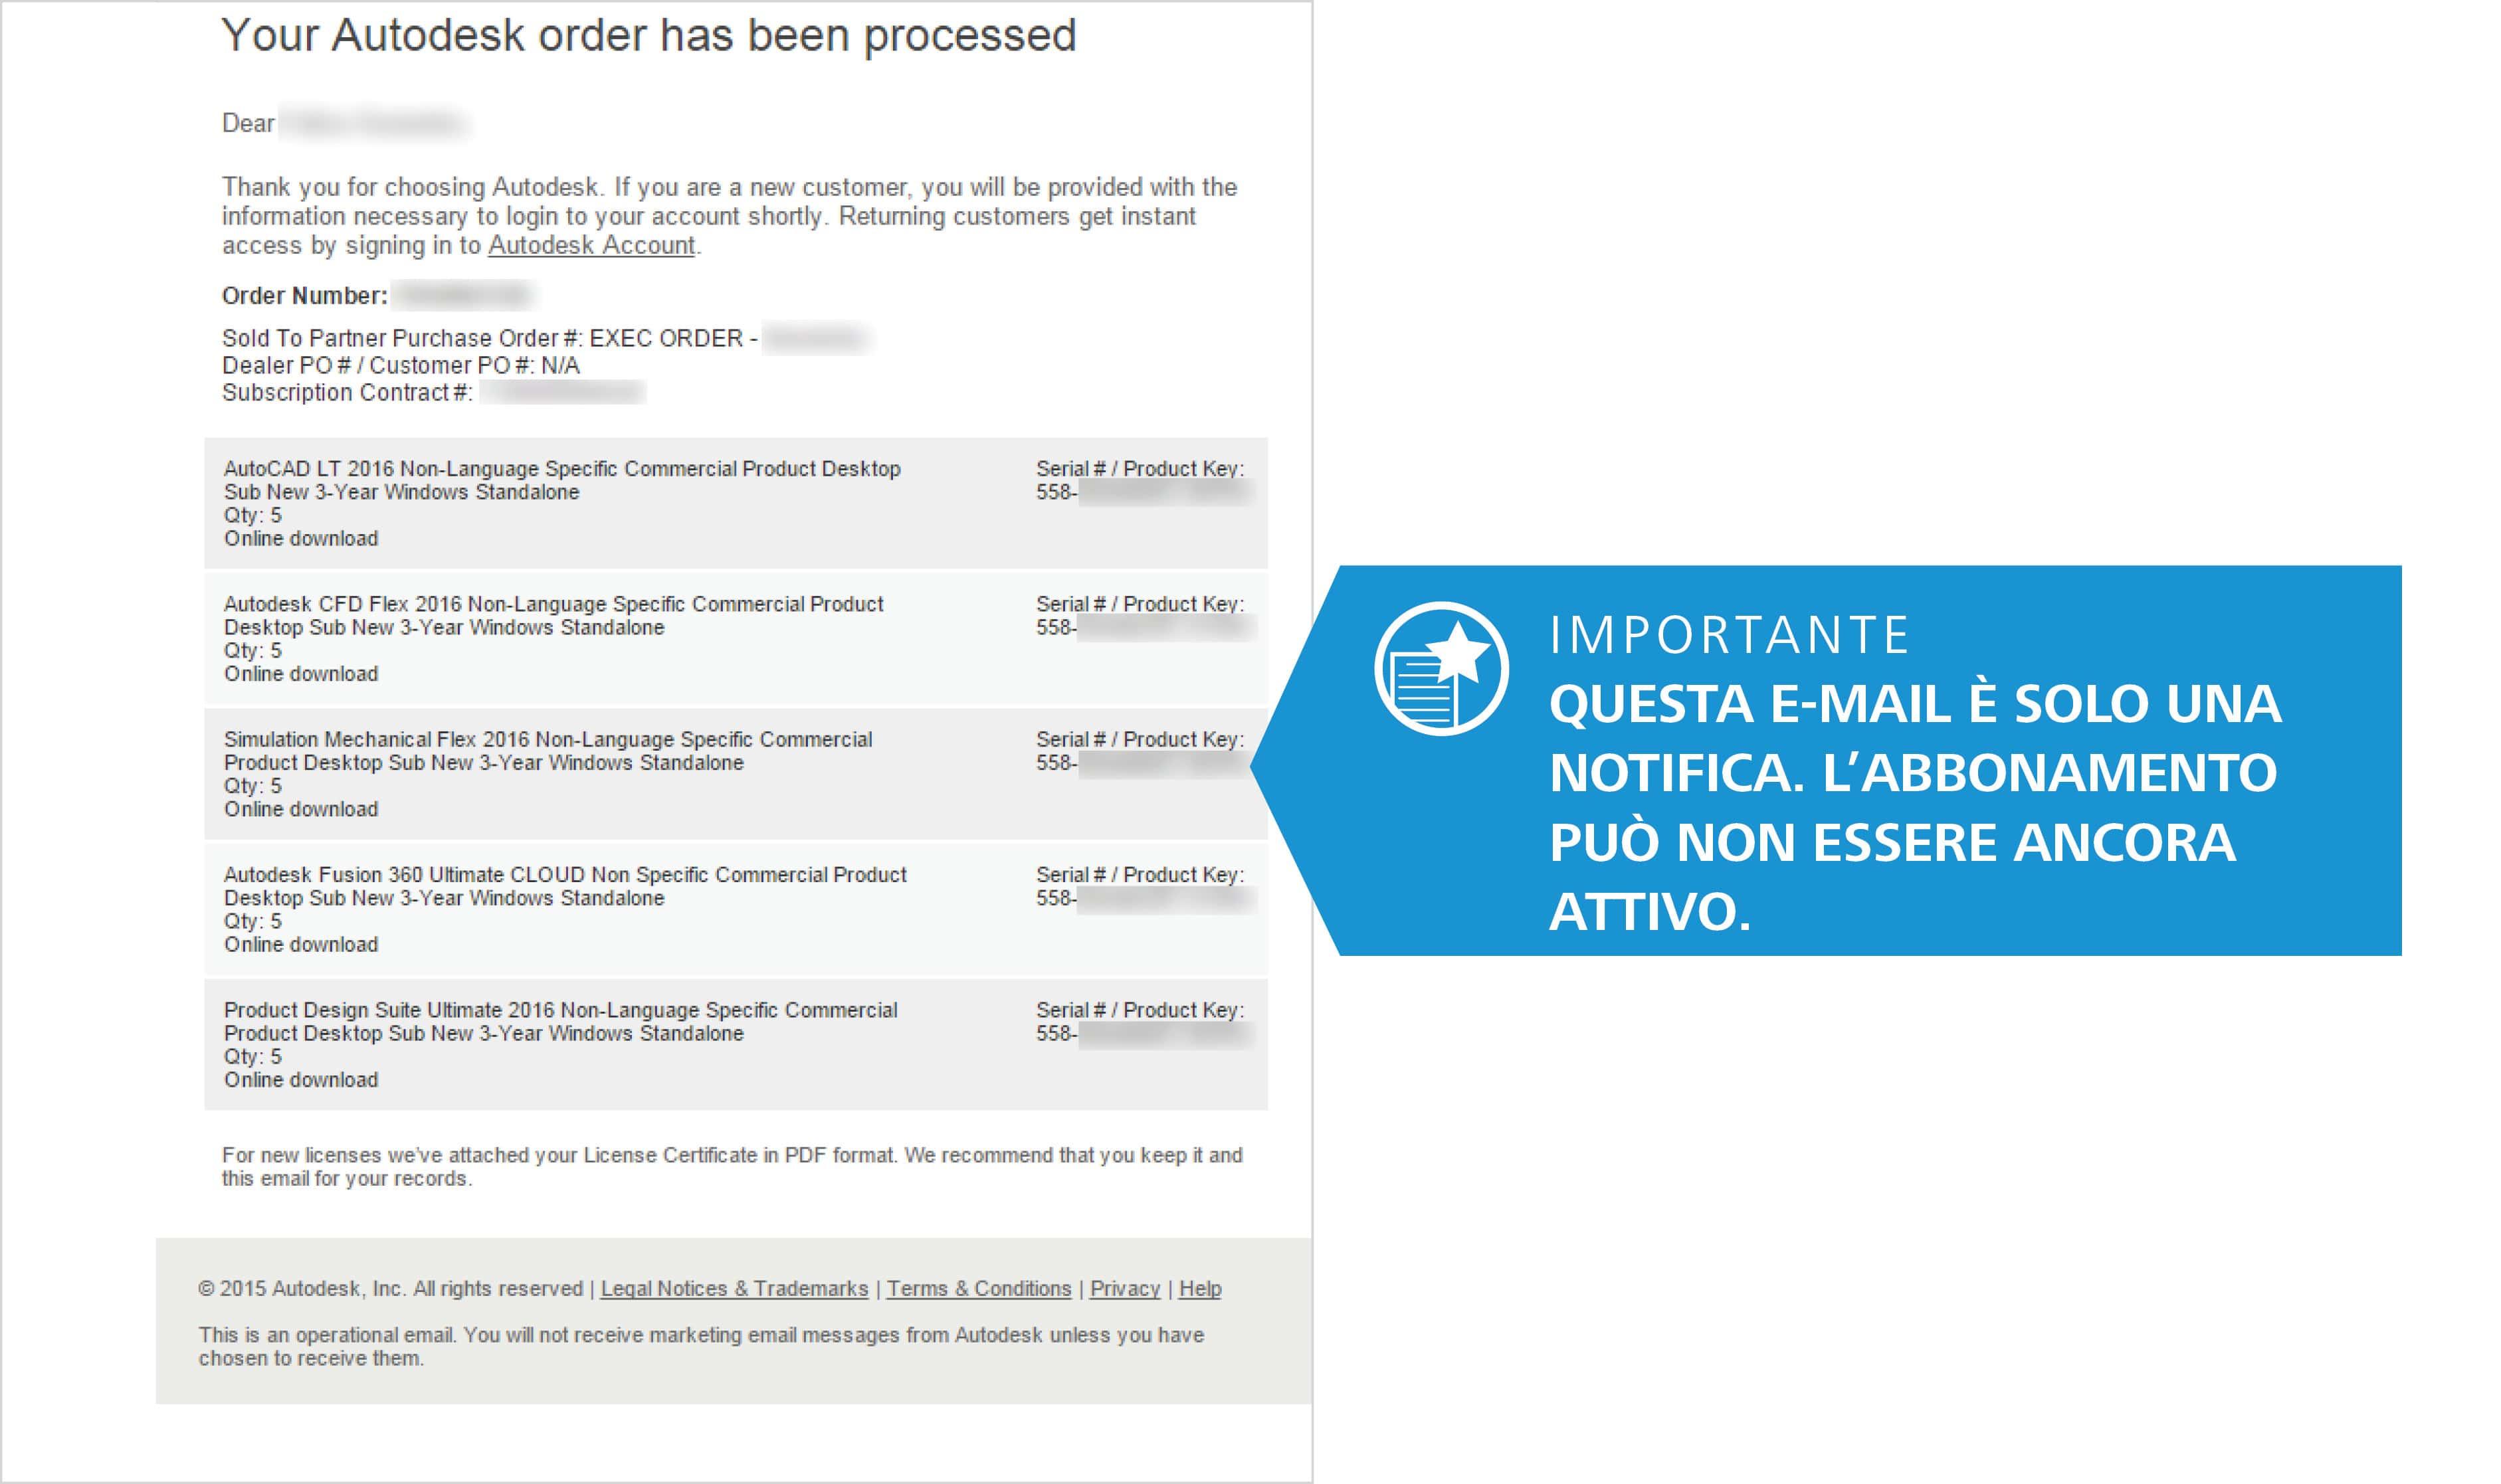 1. Ricezione della e-mail di ordine processato